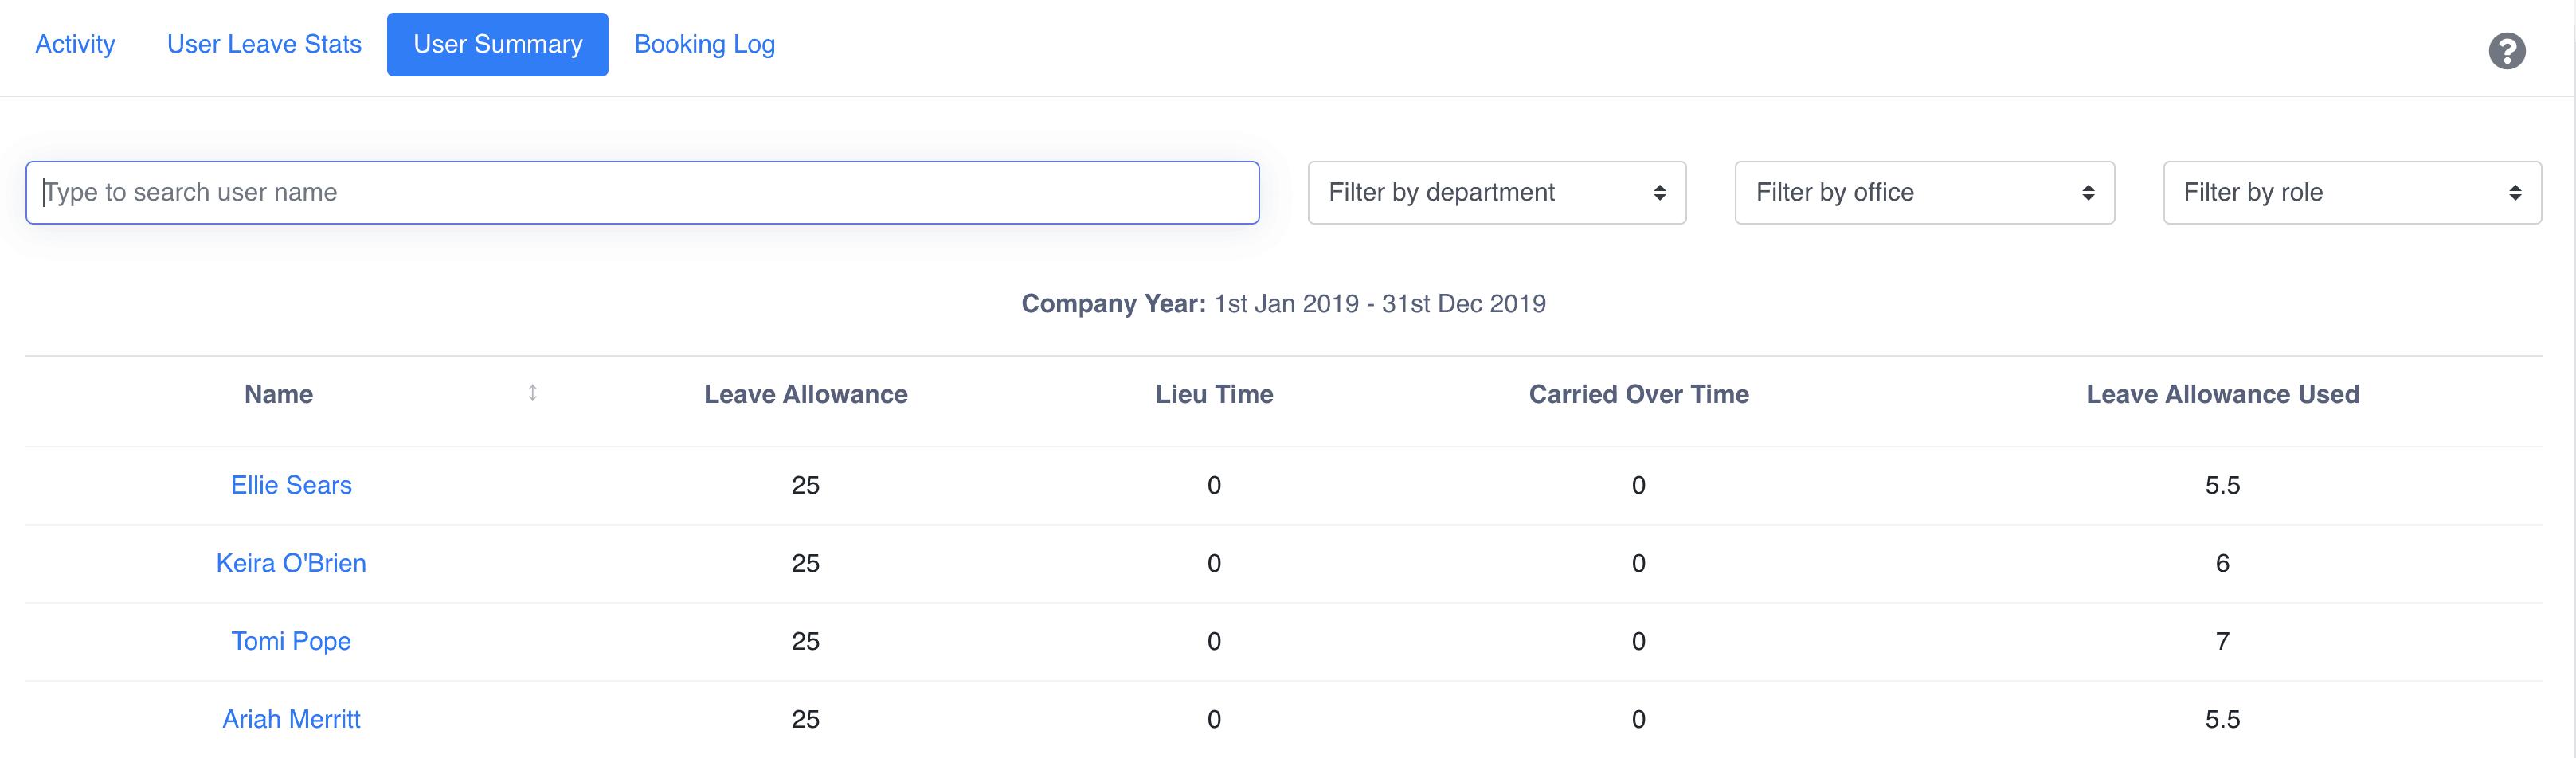 User Summary Report